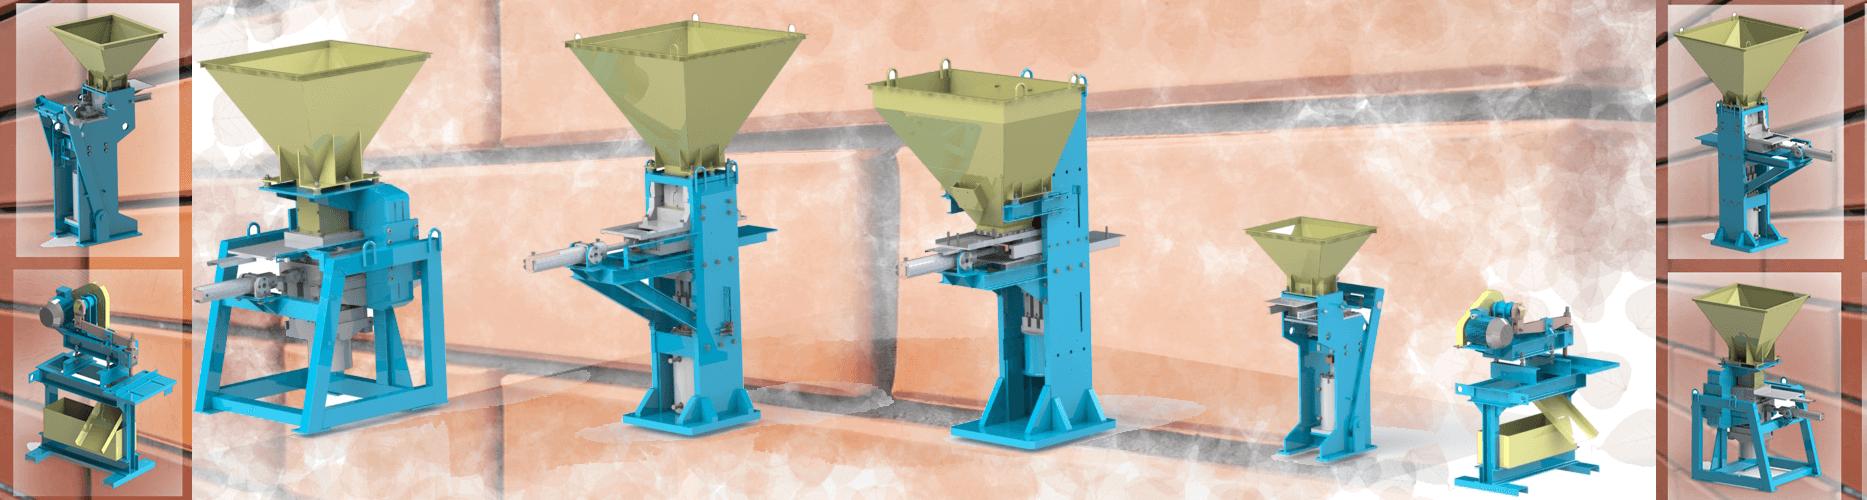 Оборудование для производства гиперпрессованного кирпича